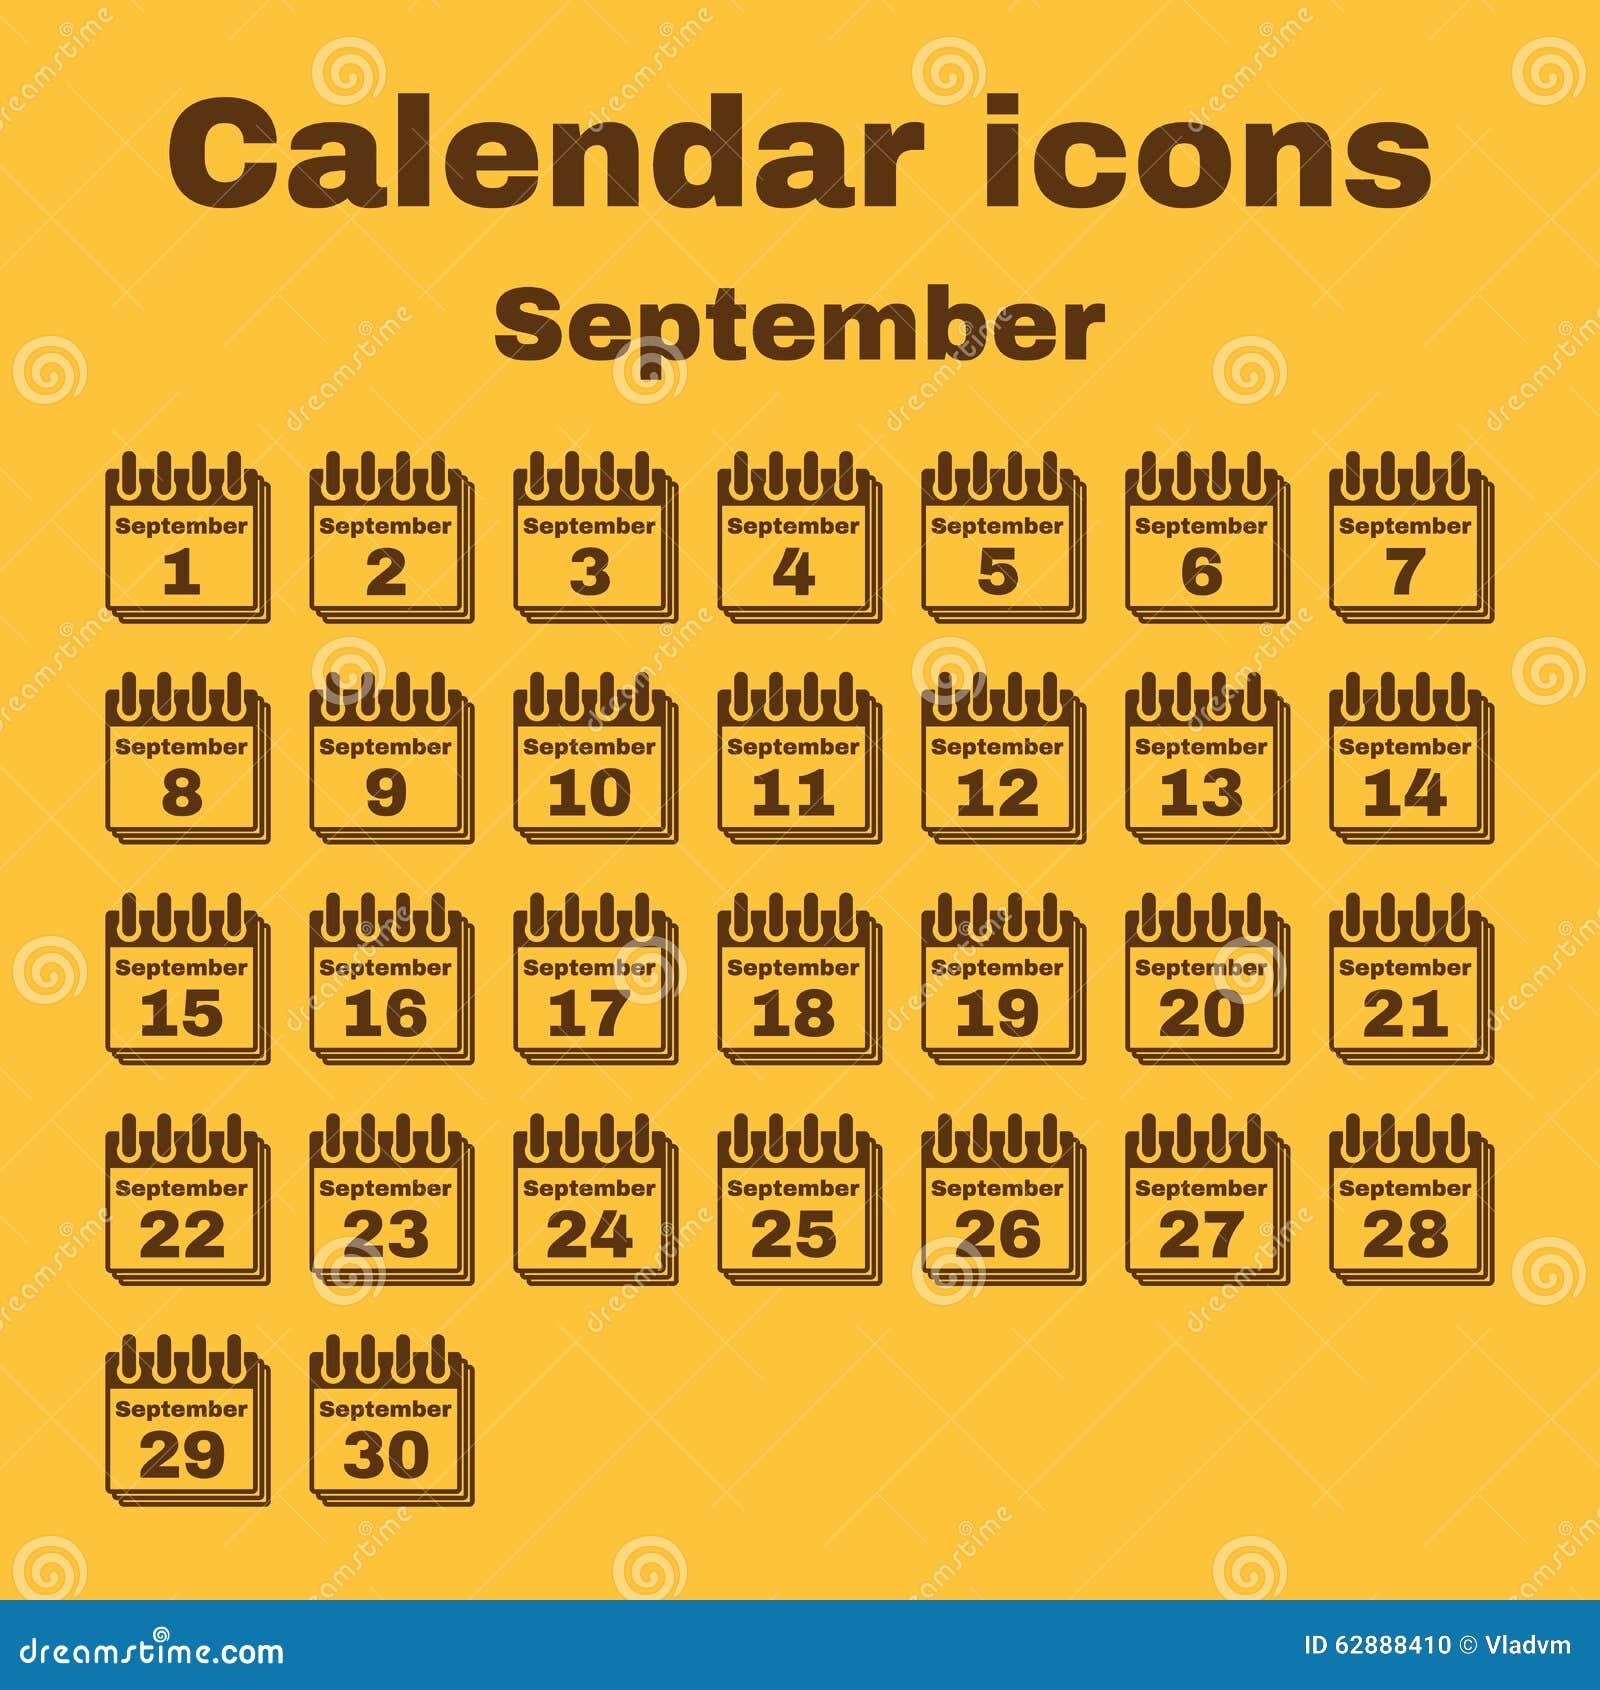 Simbolo De Calendario.L Icona Del Calendario Simbolo Di Settembre Piano